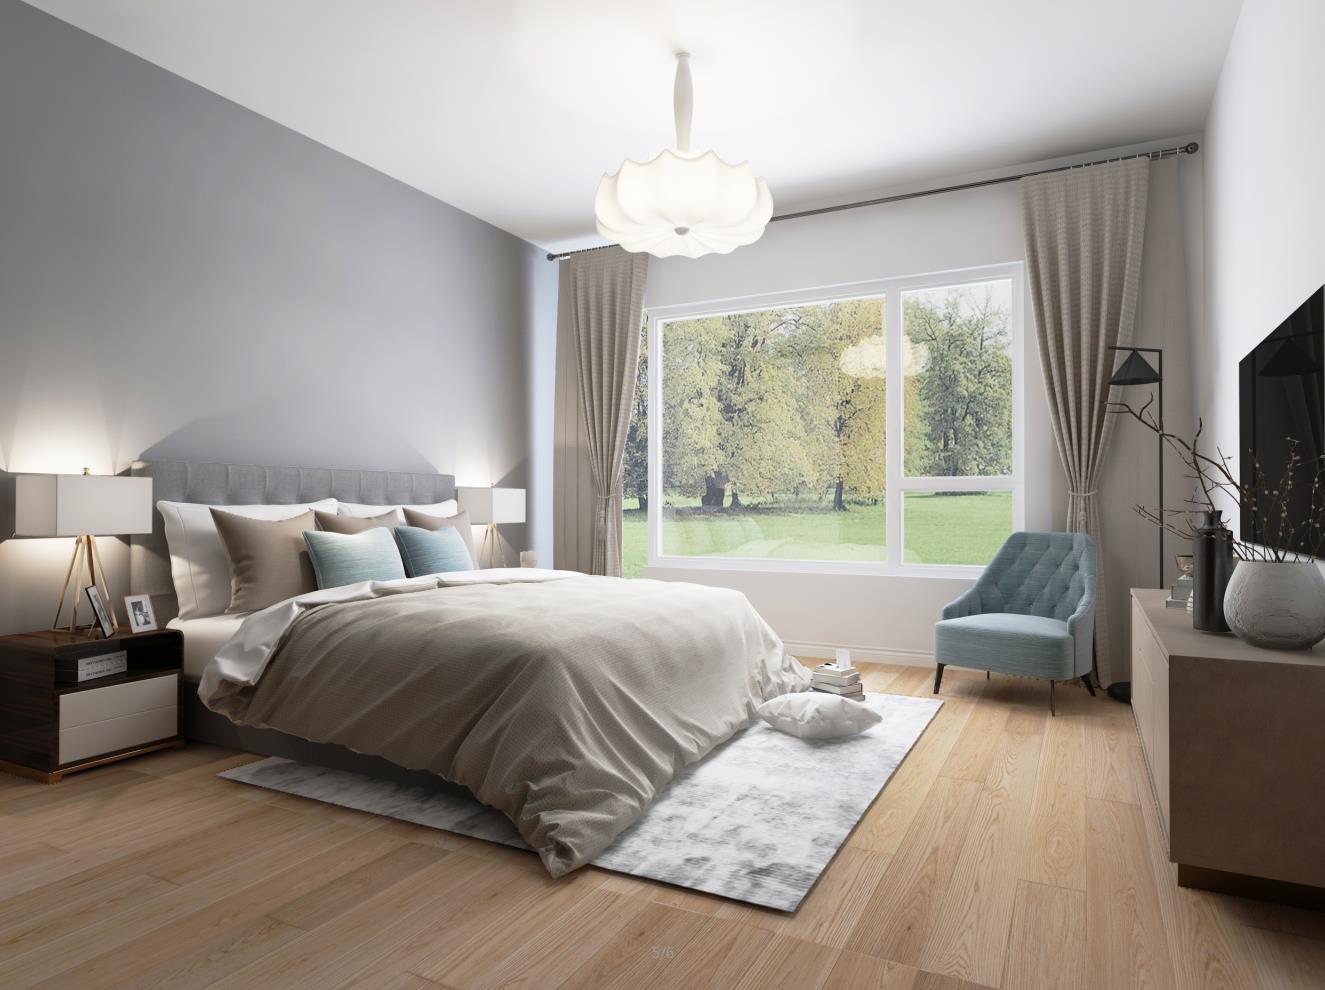 卧室图片来自申远空间设计北京分公司在北京申远空间设计-欧式风格的分享